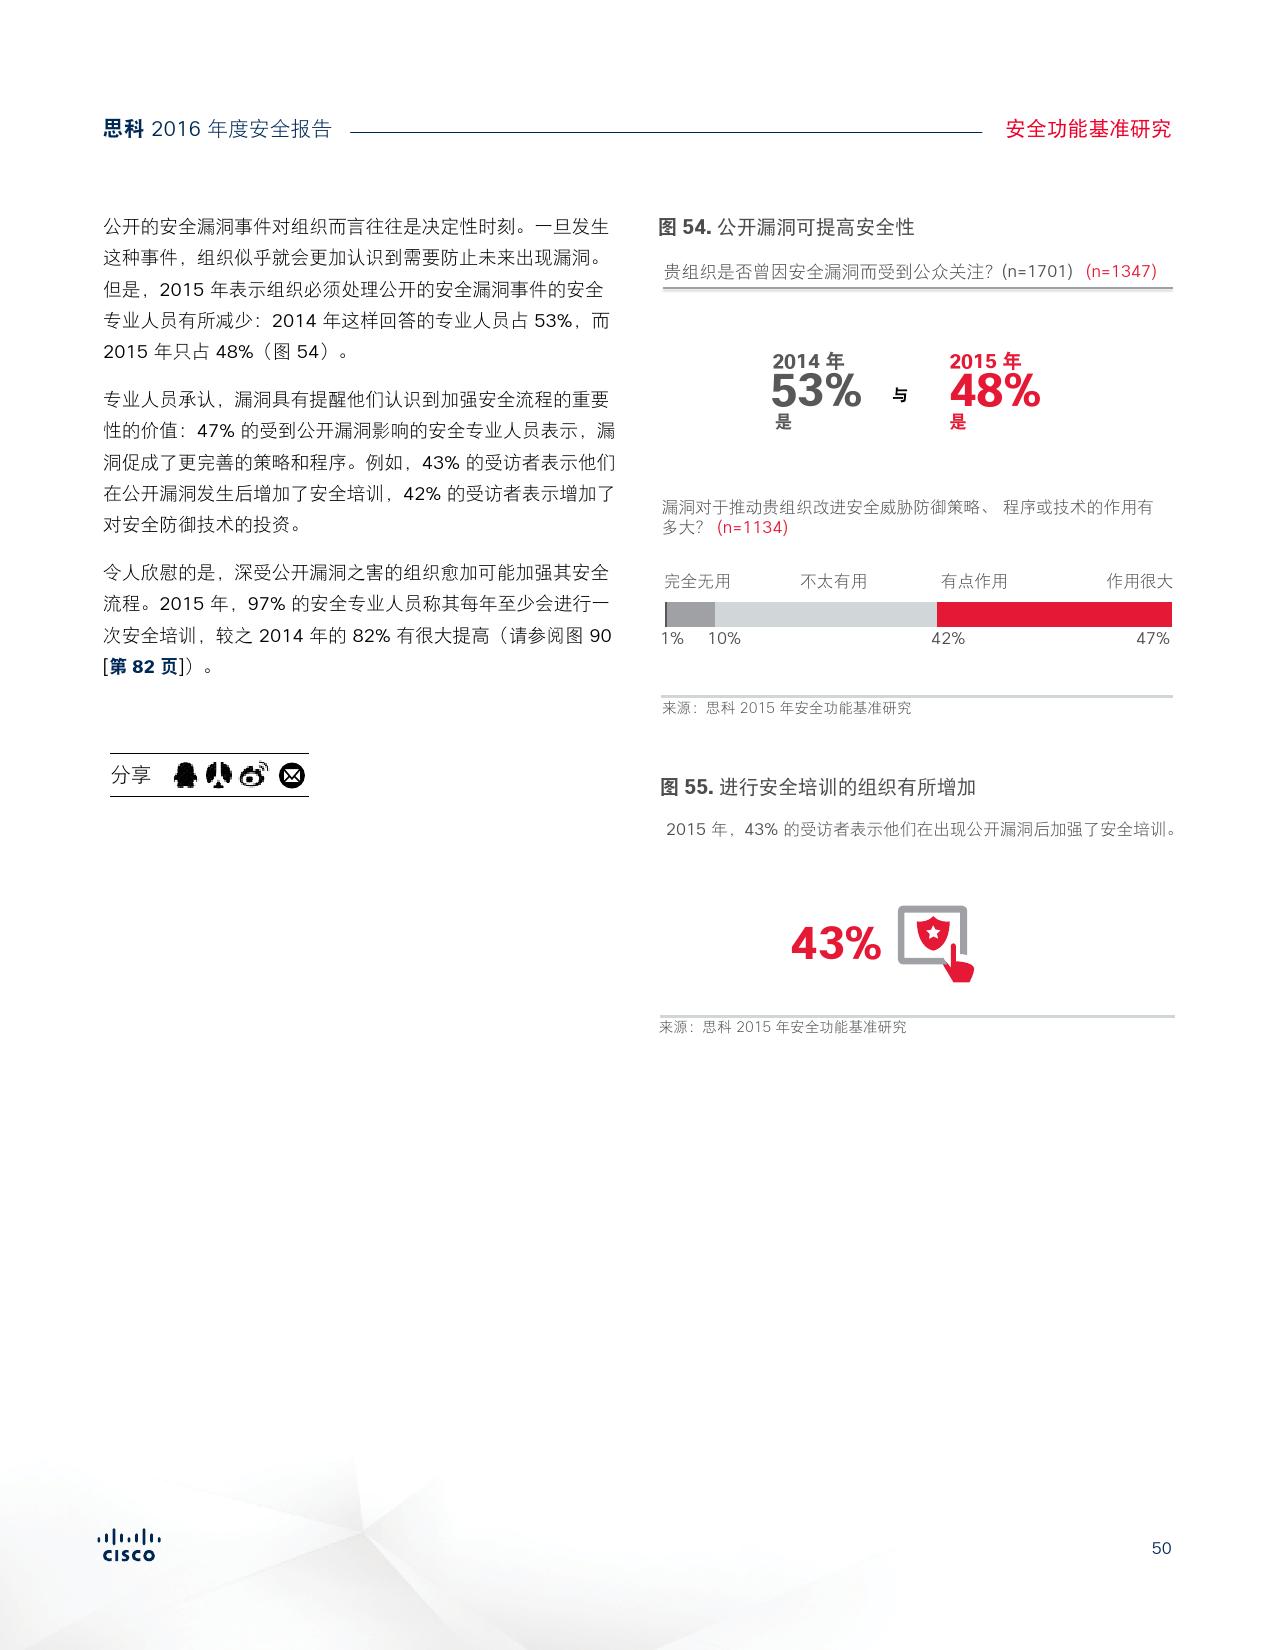 2016年中网络安全报告_000050